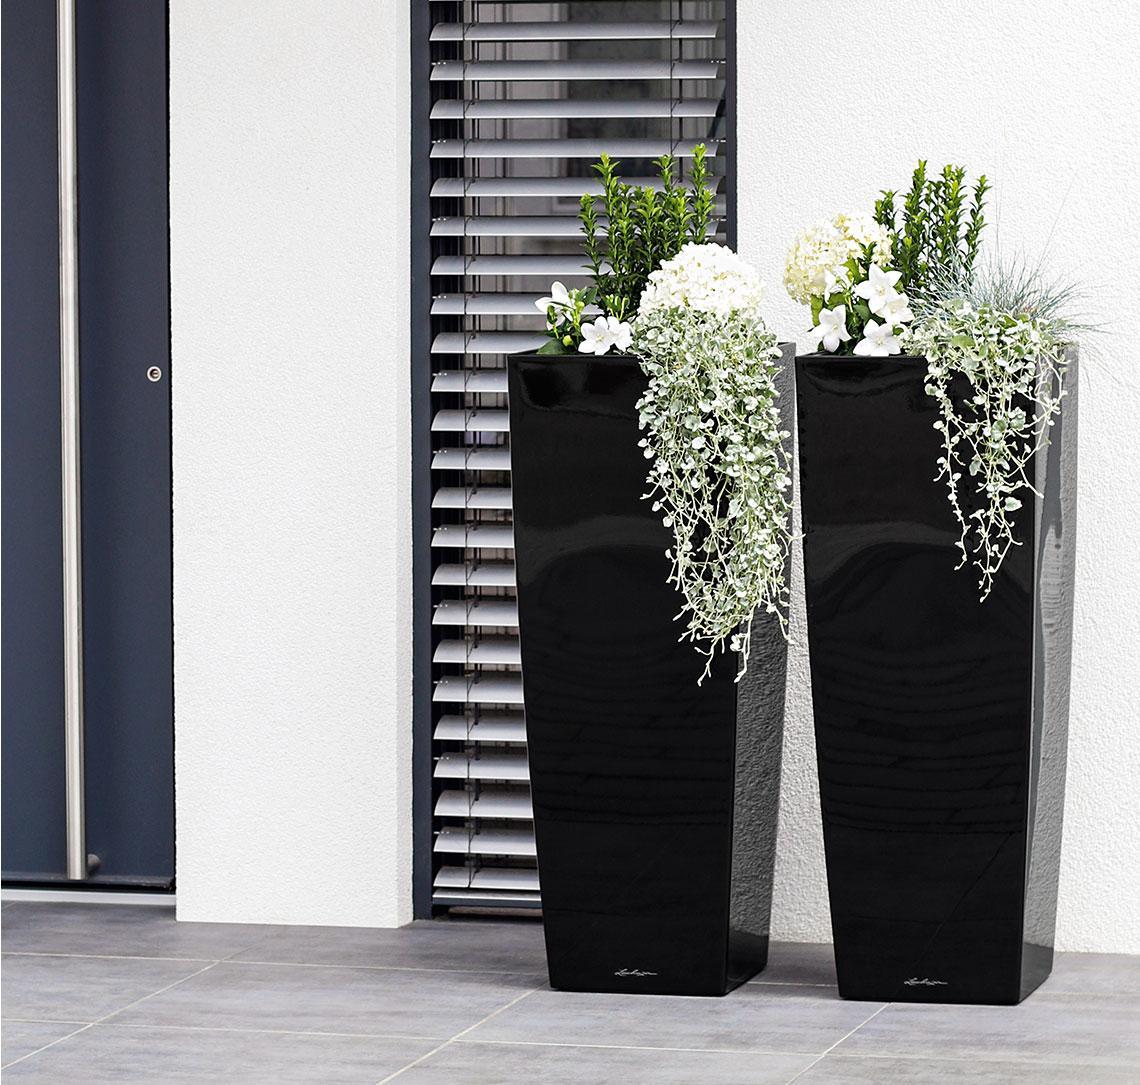 Δύο high gloss μαύρες CUBICO Alto με λευκά λουλούδια μπροστά στην είσοδο ενός μοντέρνου σπιτιού.